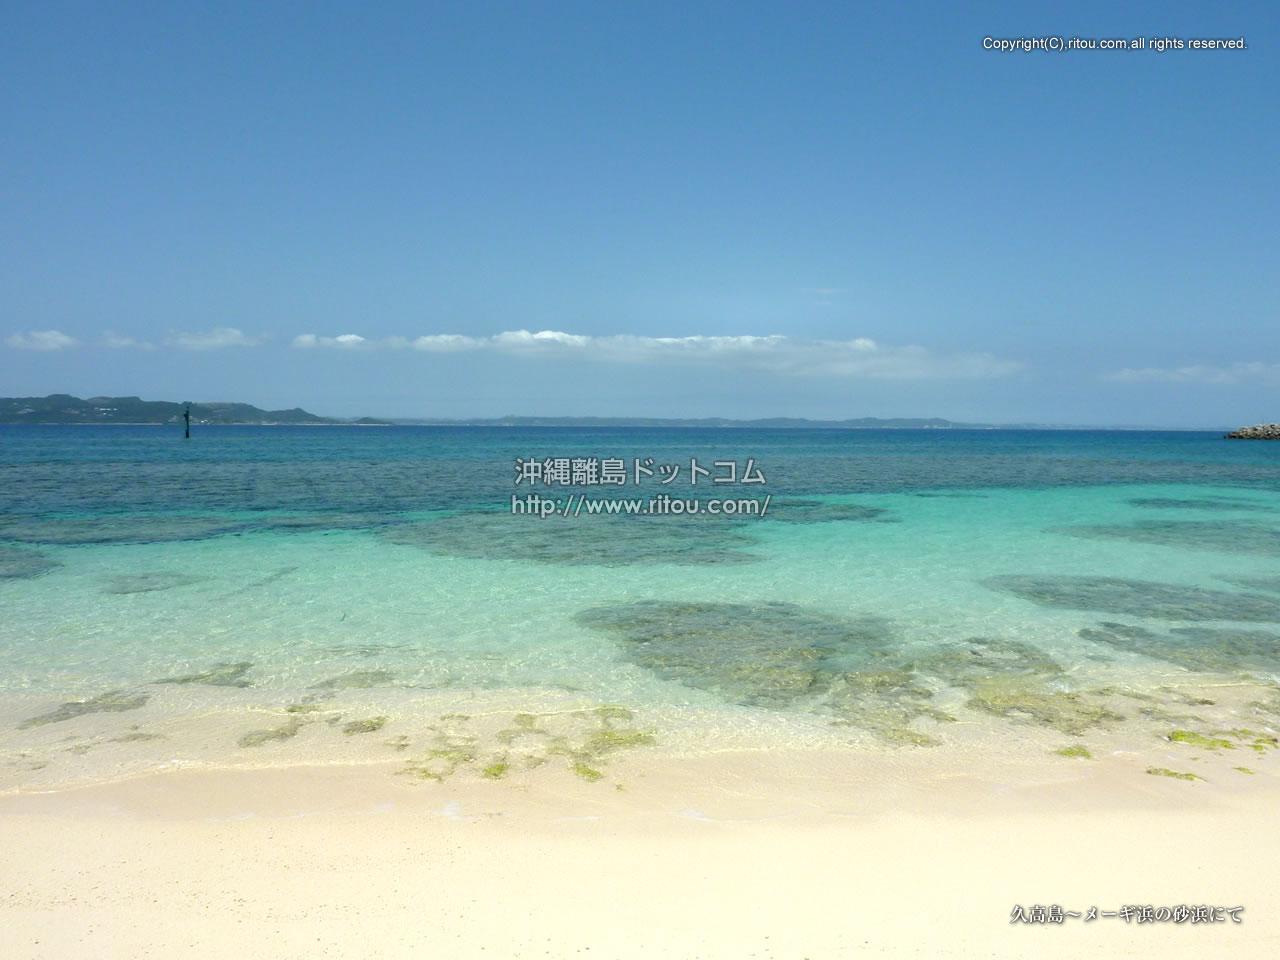 久高島〜メーギ浜の砂浜にて